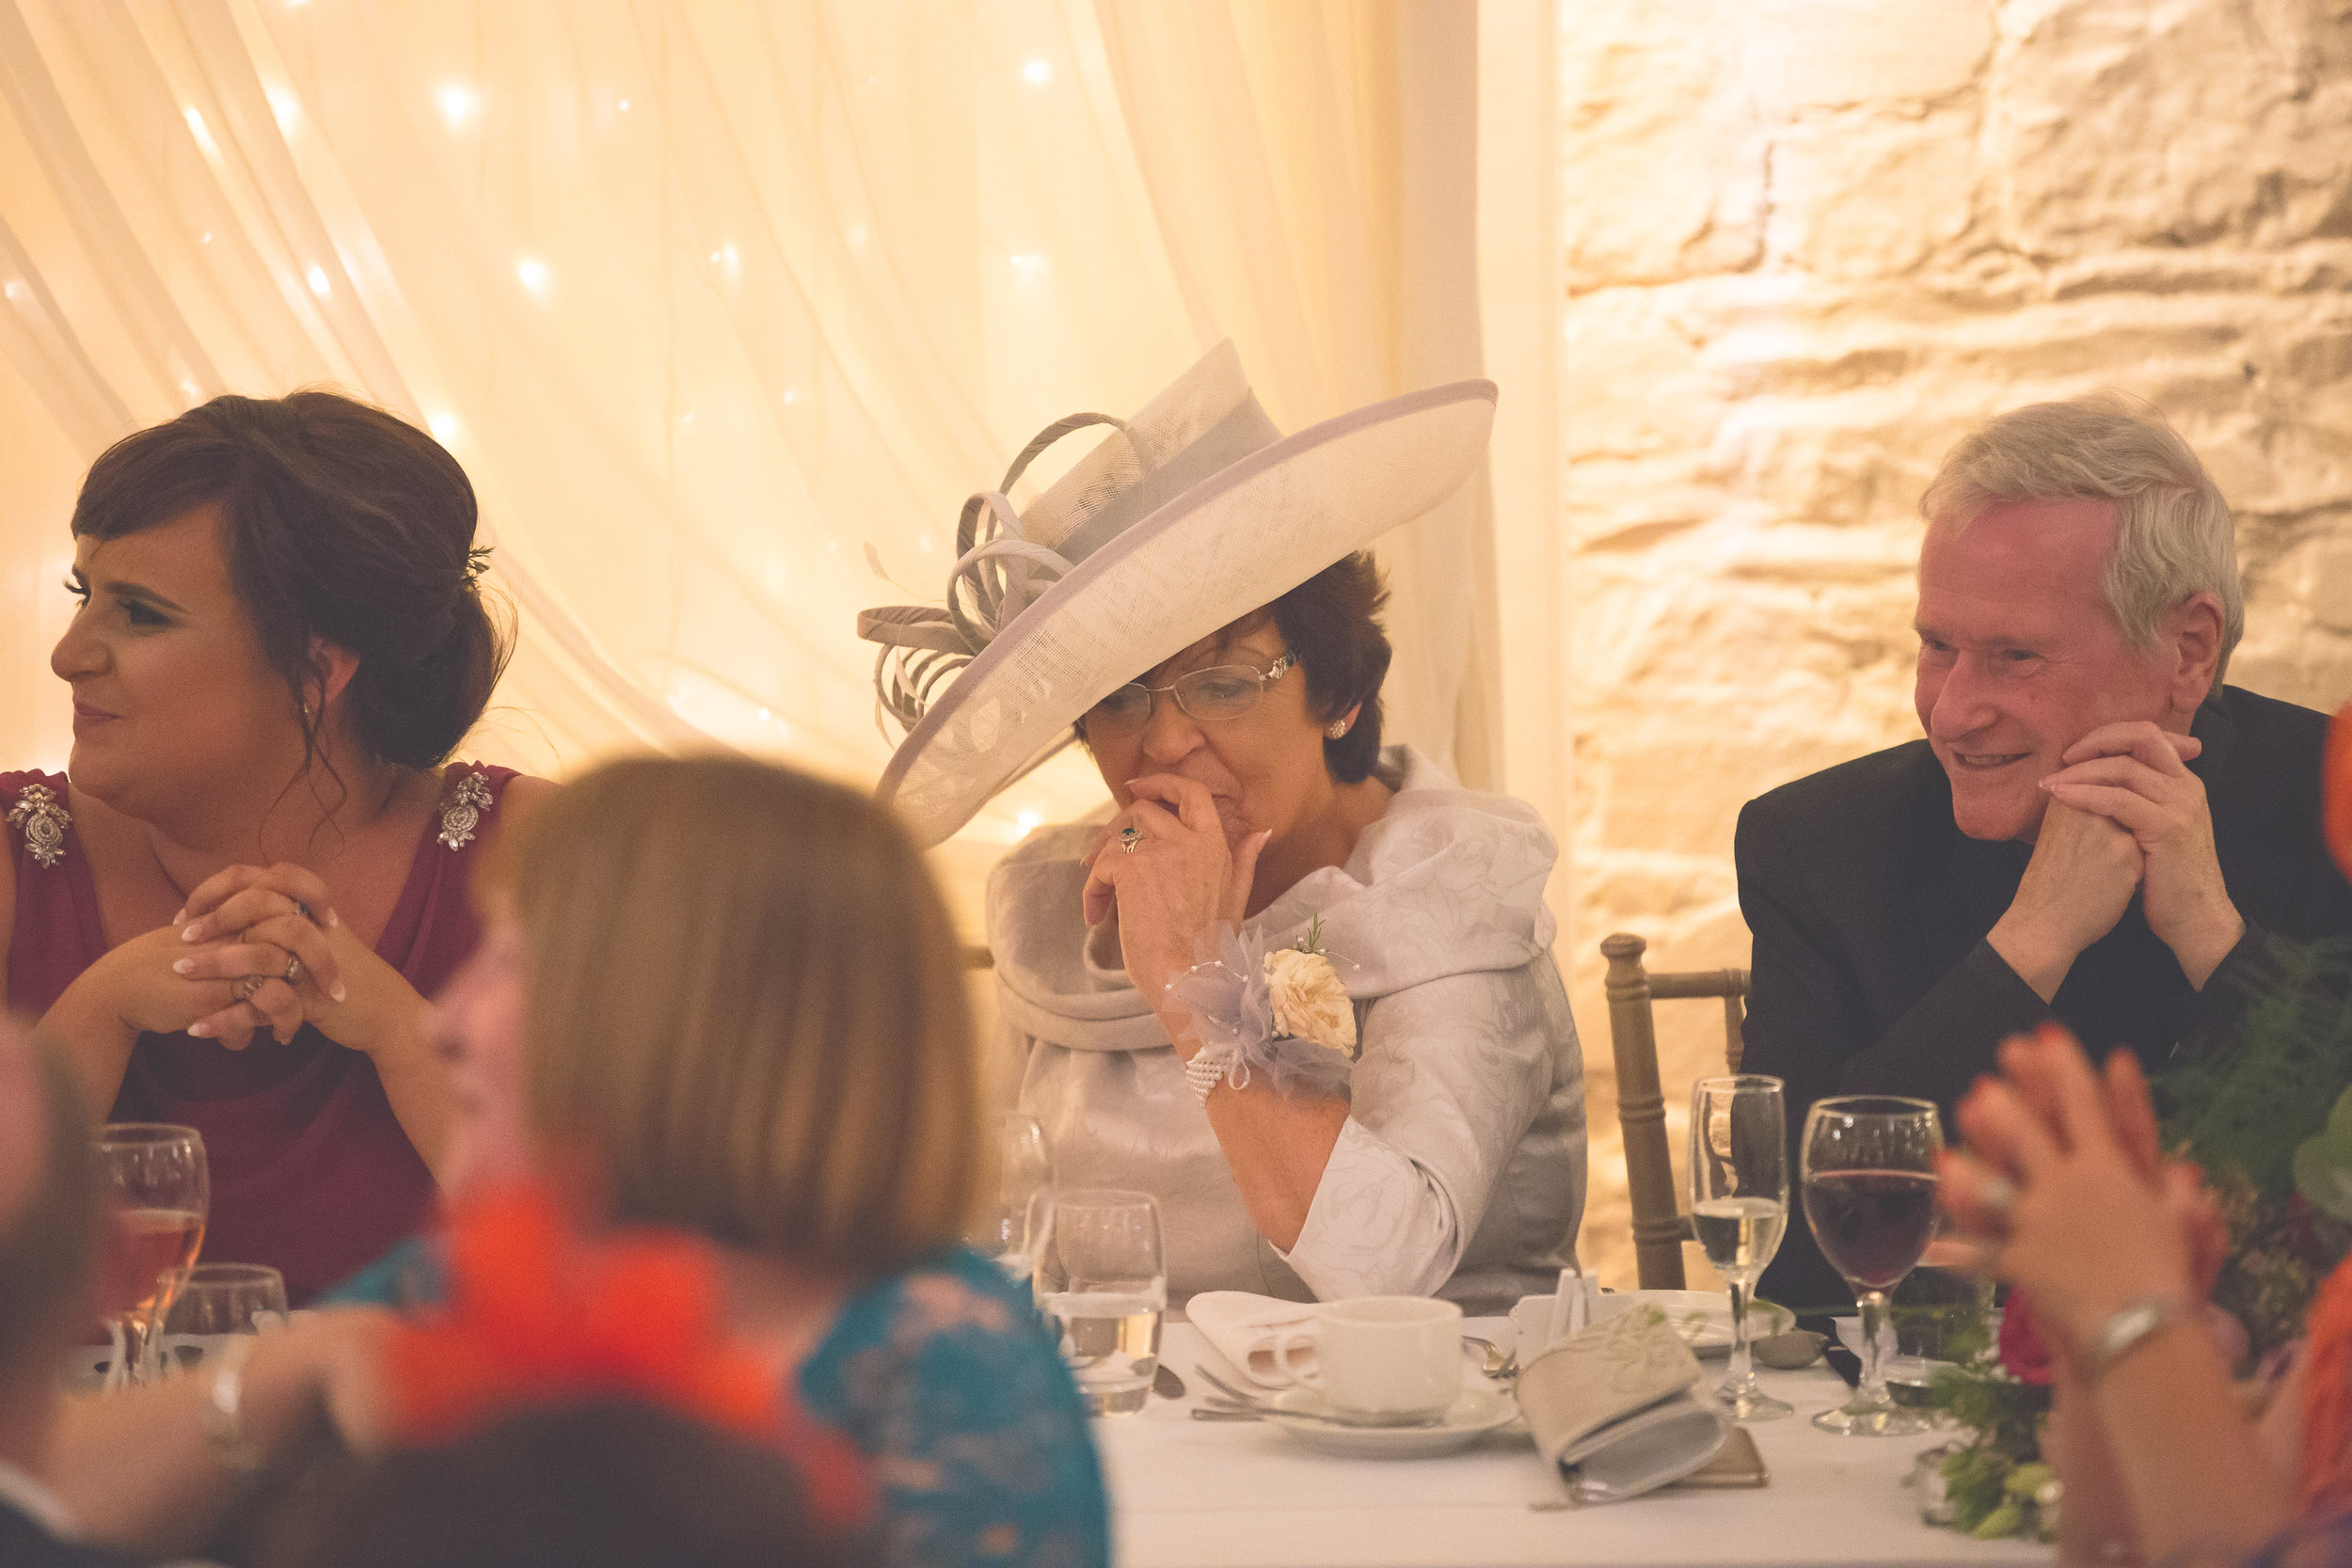 Brian McEwan Wedding Photography | Carol-Anne & Sean | The Speeches-86.jpg